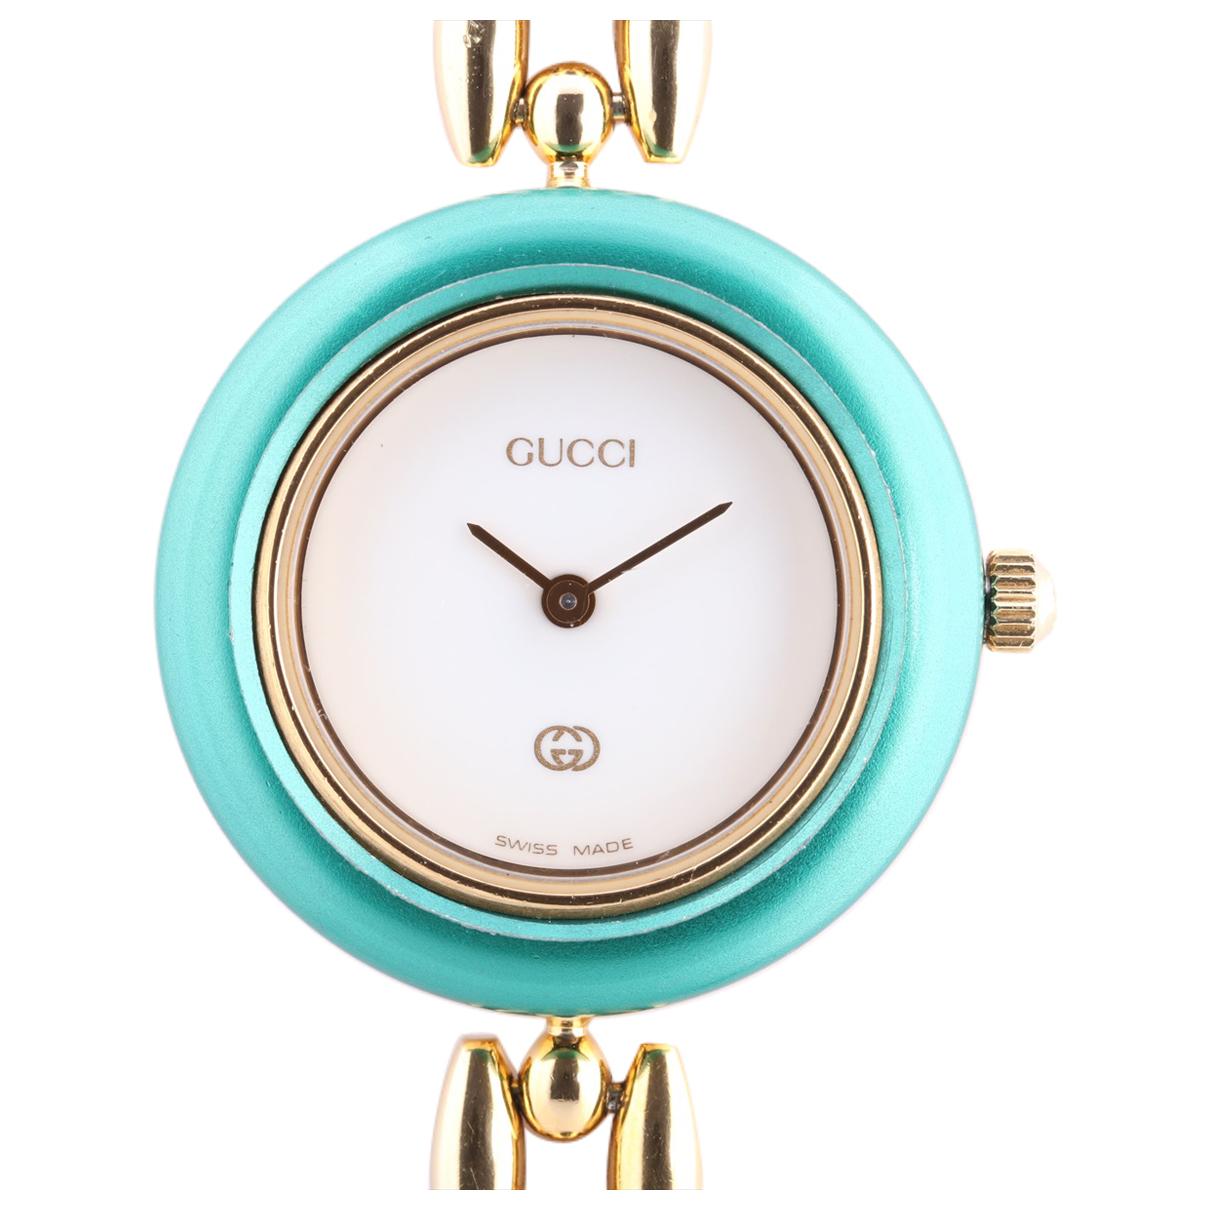 Gucci \N Uhr in  Weiss Vergoldet